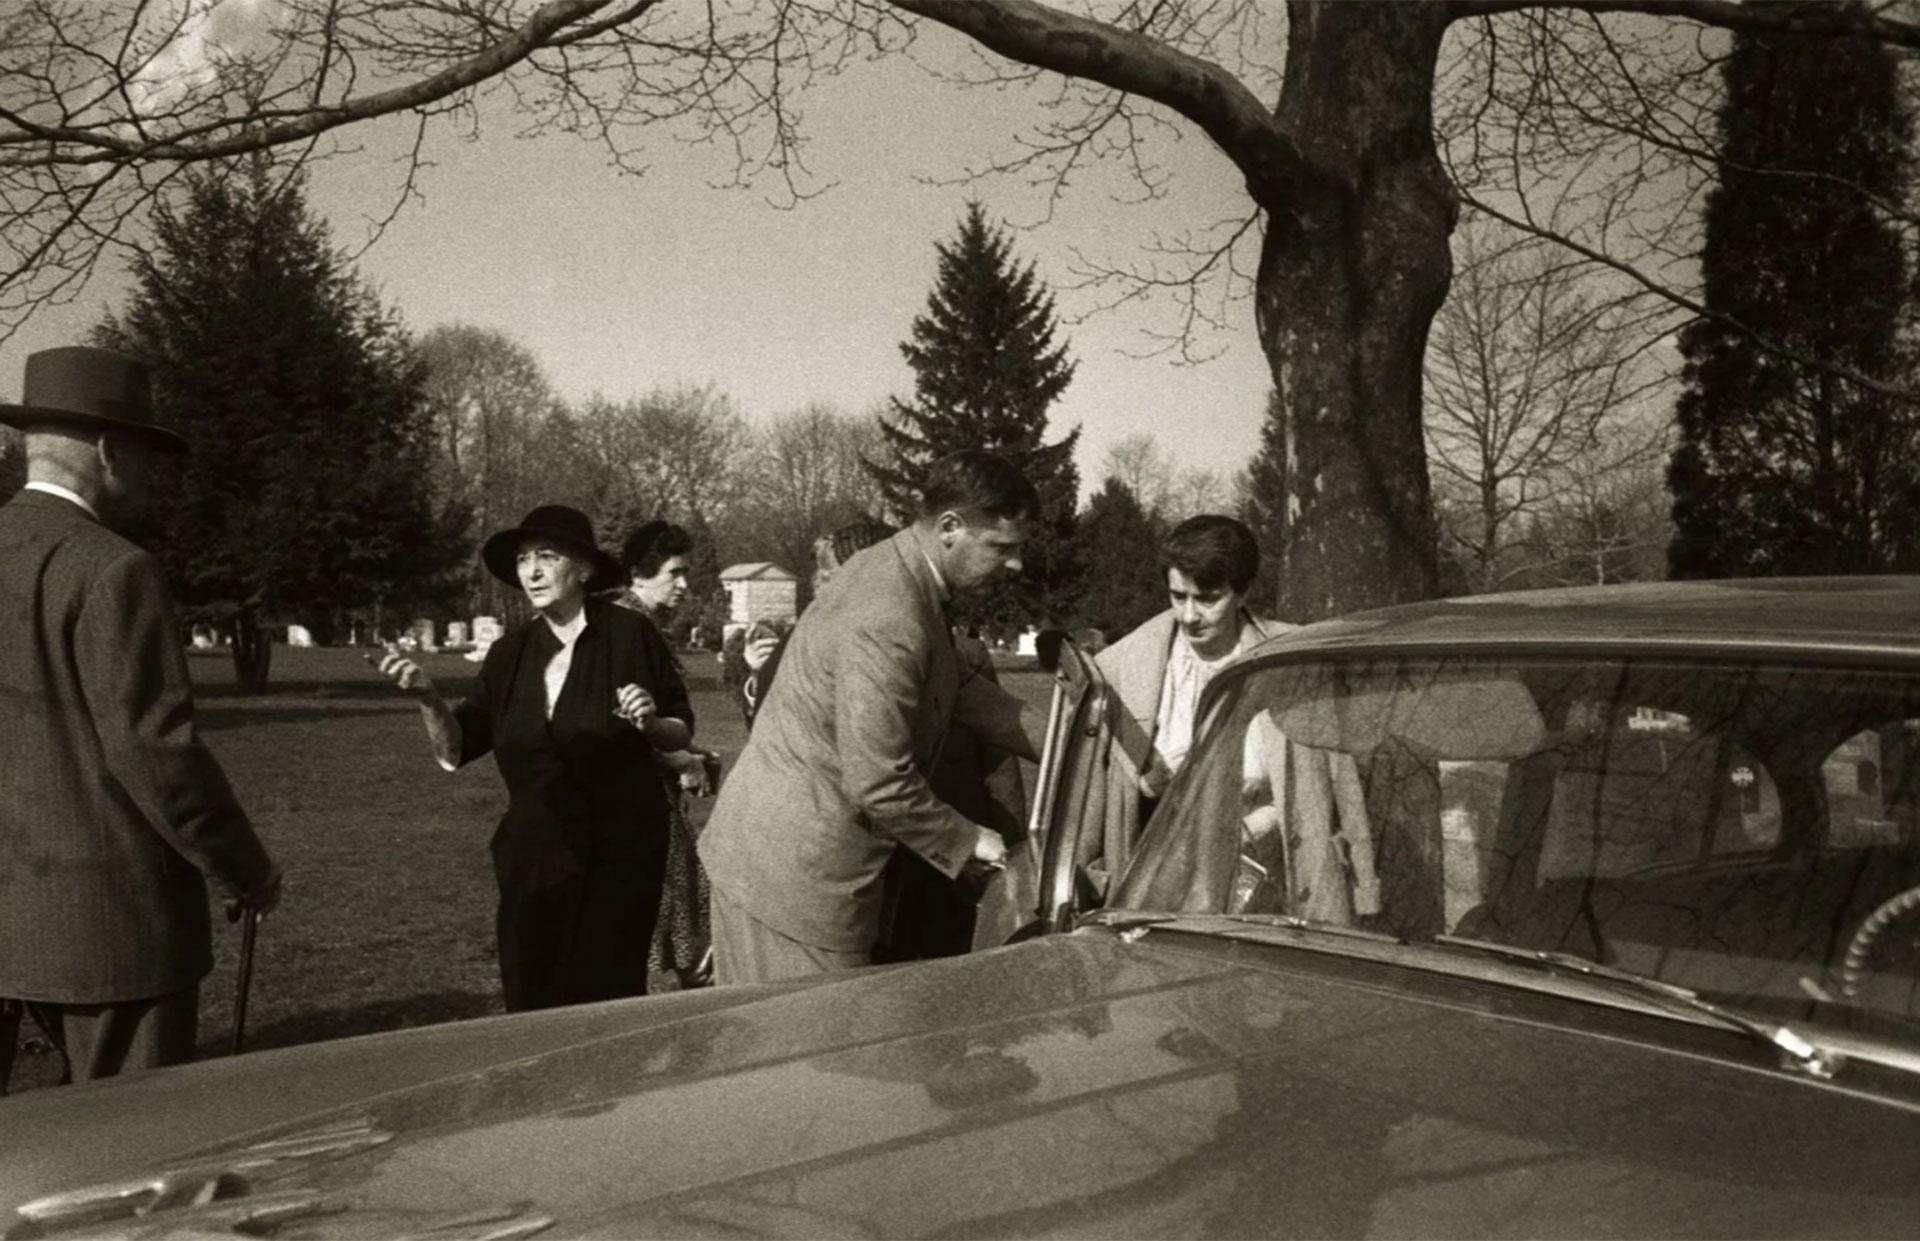 La secretaria de Einstein, Helen Dukas, ingresa al automóvil tras el breve servicio fúnebre (Ralph Morse – Life Magazine – Getty)